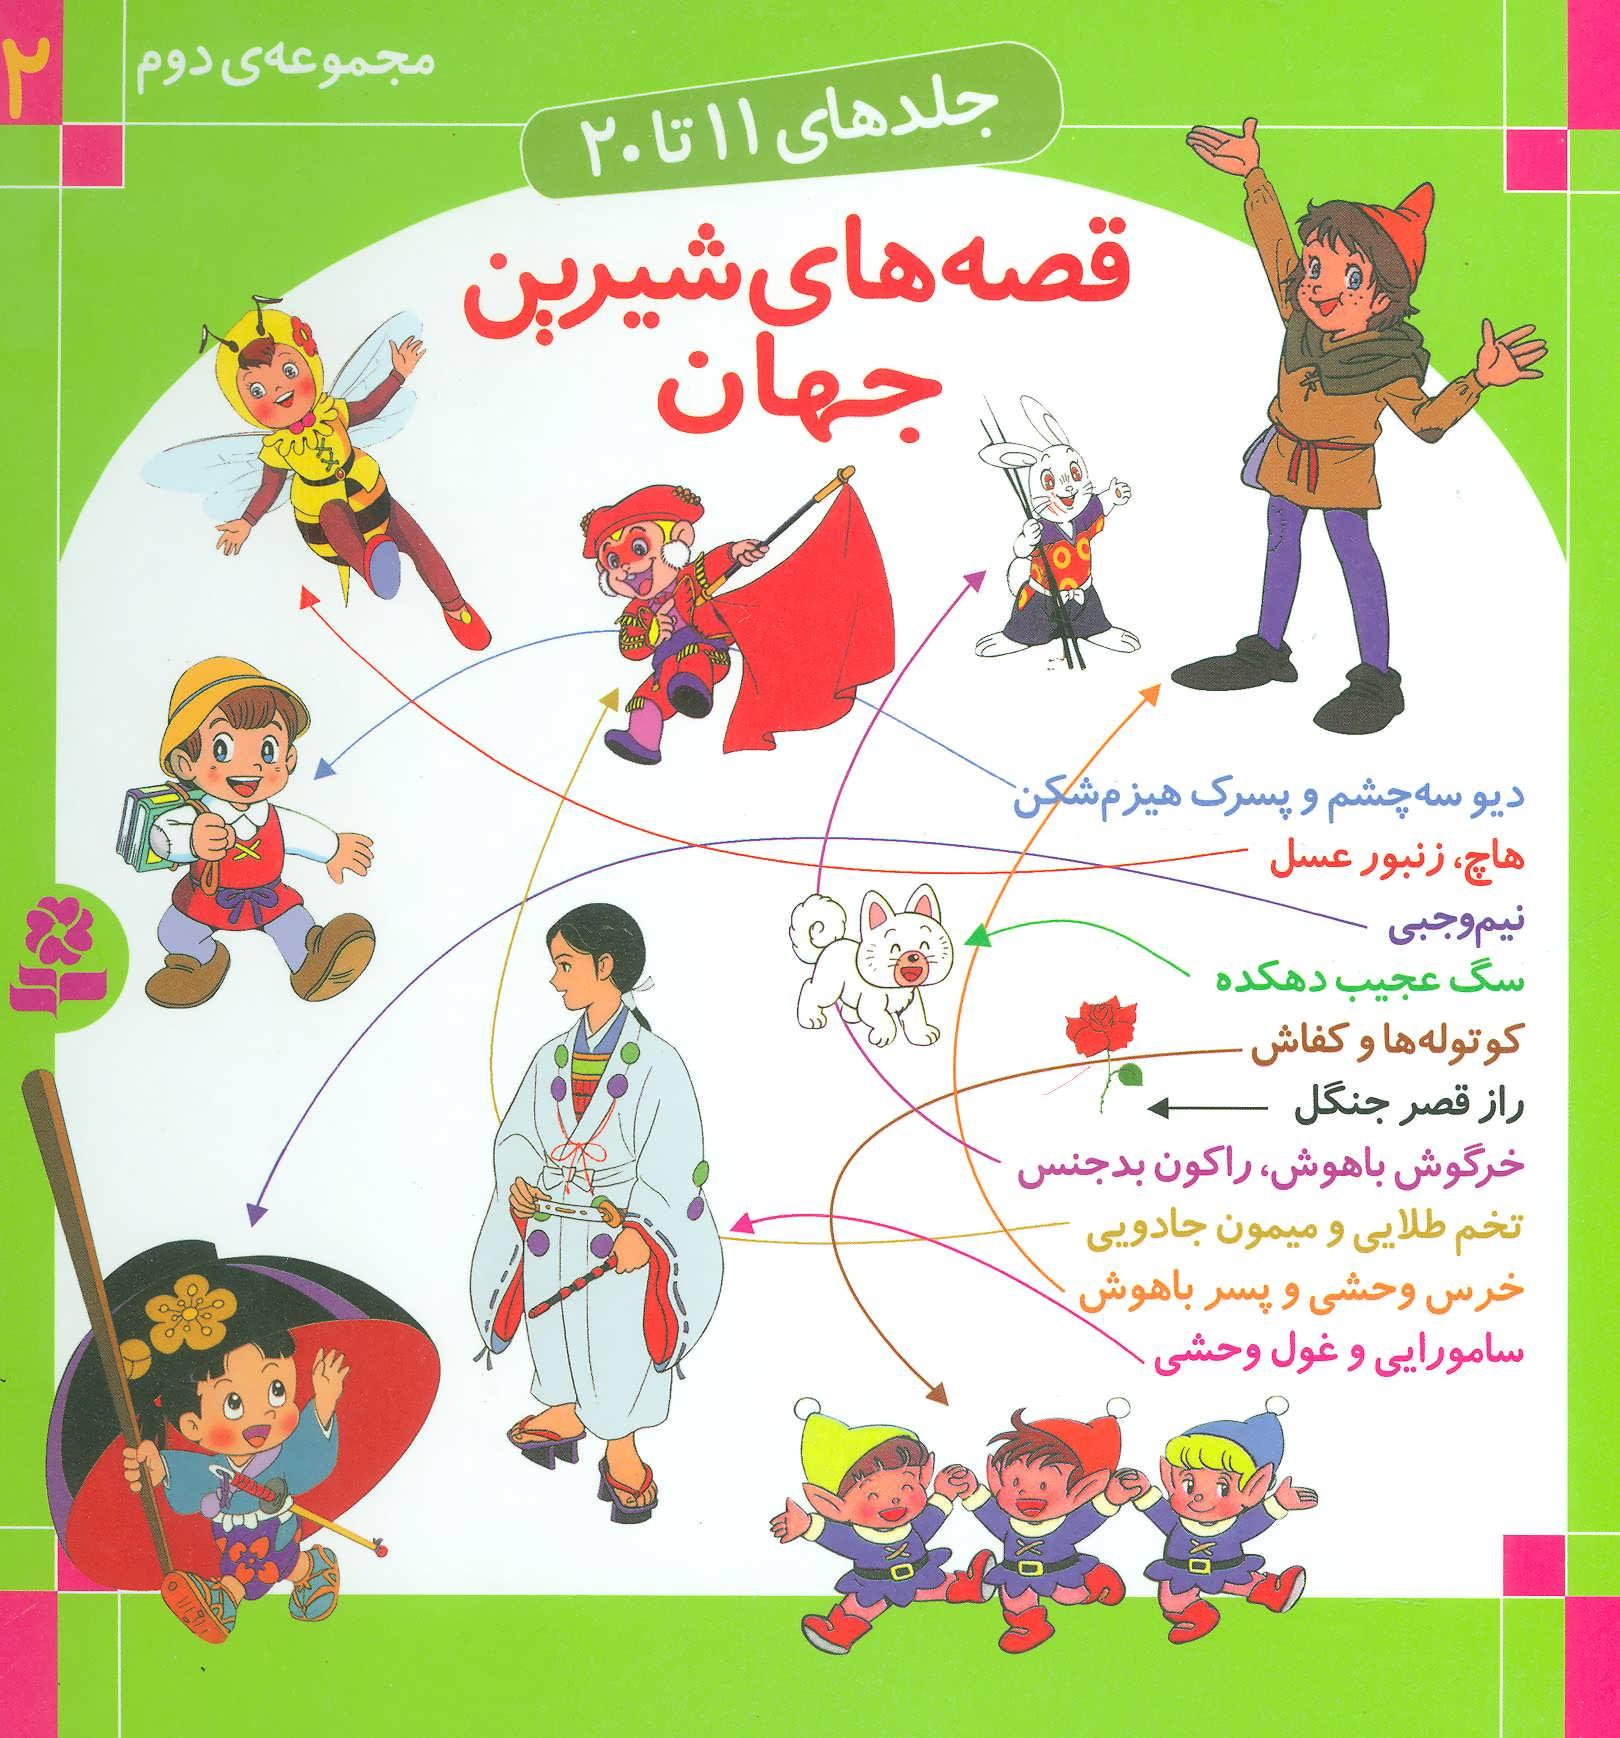 کتاب قصههای شیرین جهان (جلدهای ۱۱ تا ۲۰)